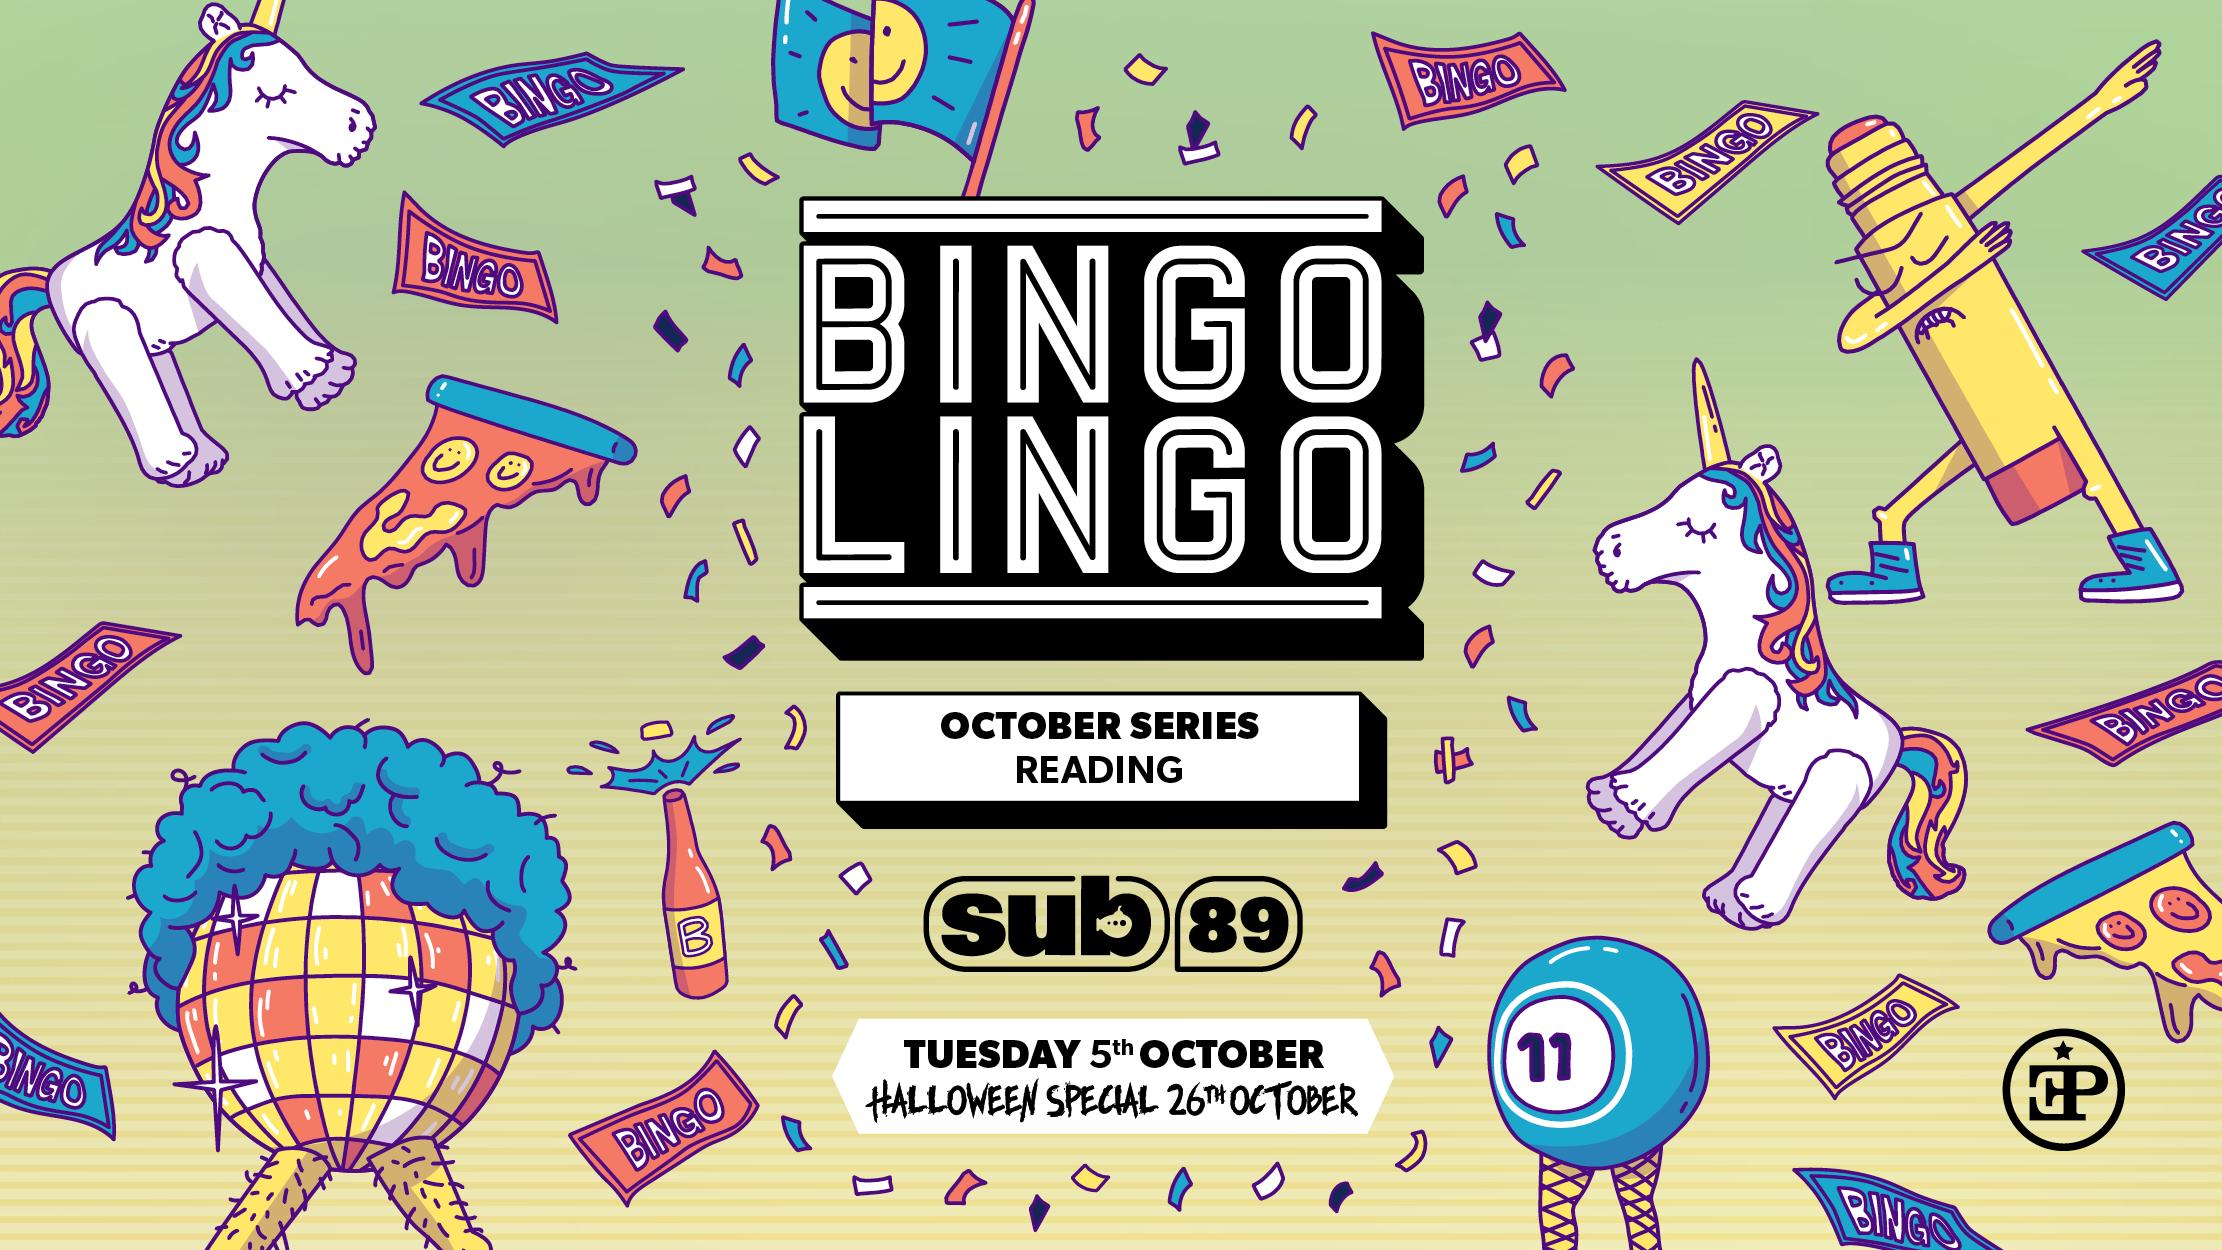 BINGO LINGO – Reading – BINGO IS BACK!